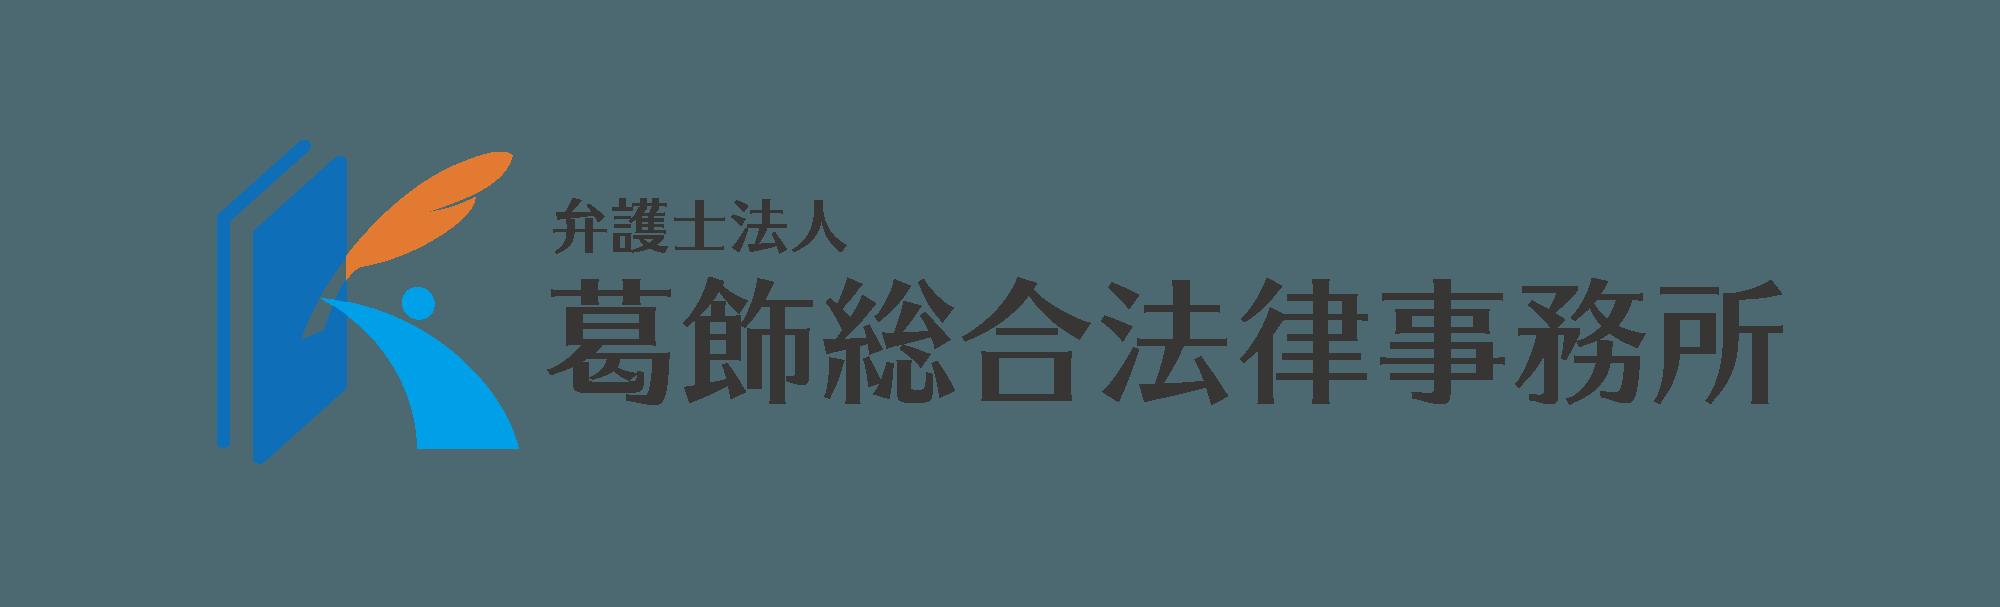 東京葛飾区の弁護士事務所|葛飾総合法律事務所